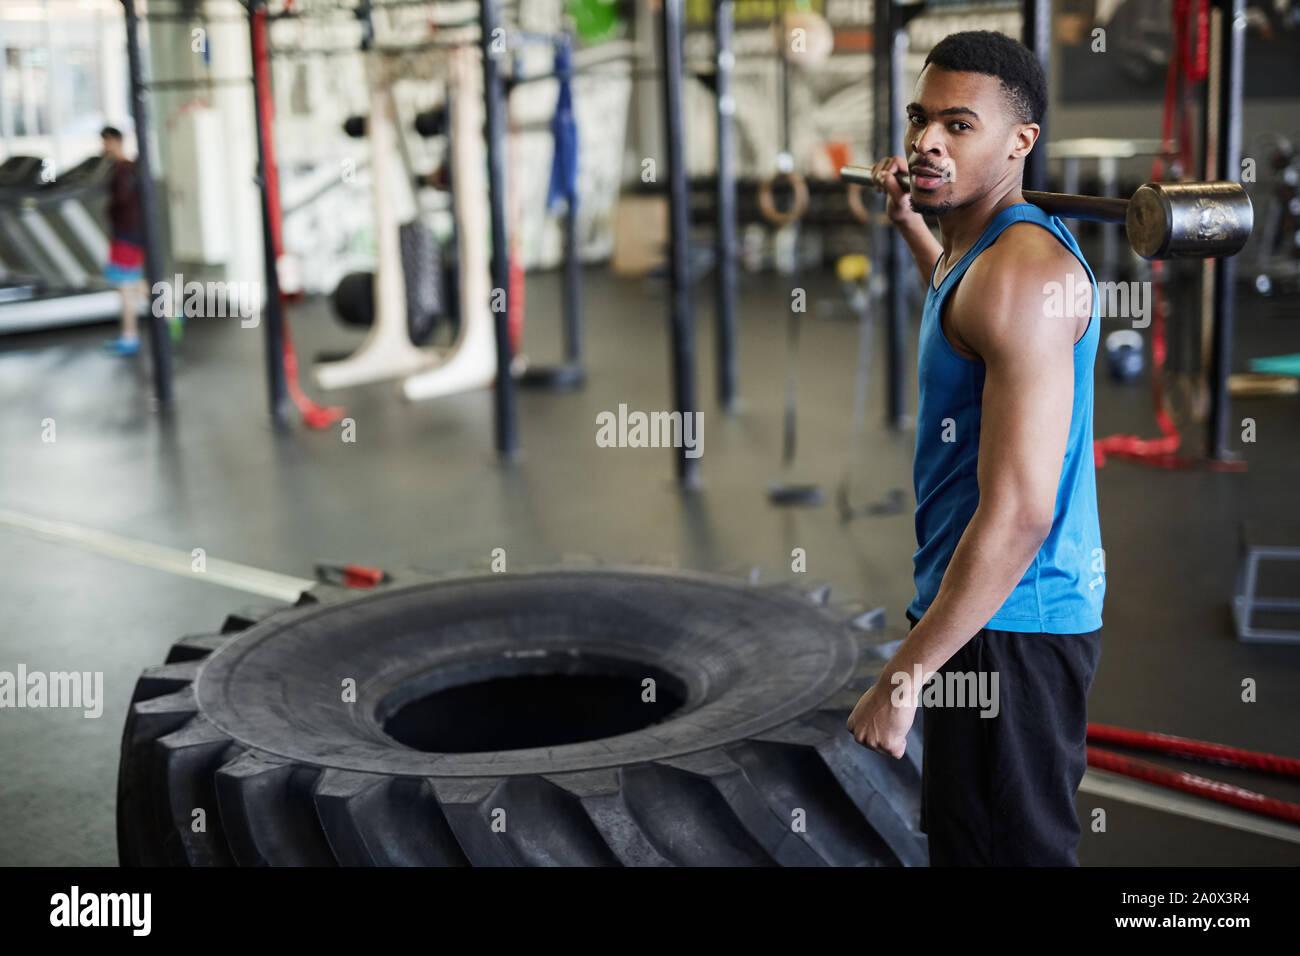 Portrait von Stattlichen muskulösen Mann an der Kamera stehend, durch schweren Reifen während Cross Training im modernen Fitnessraum, Kopie Raum Stockfoto